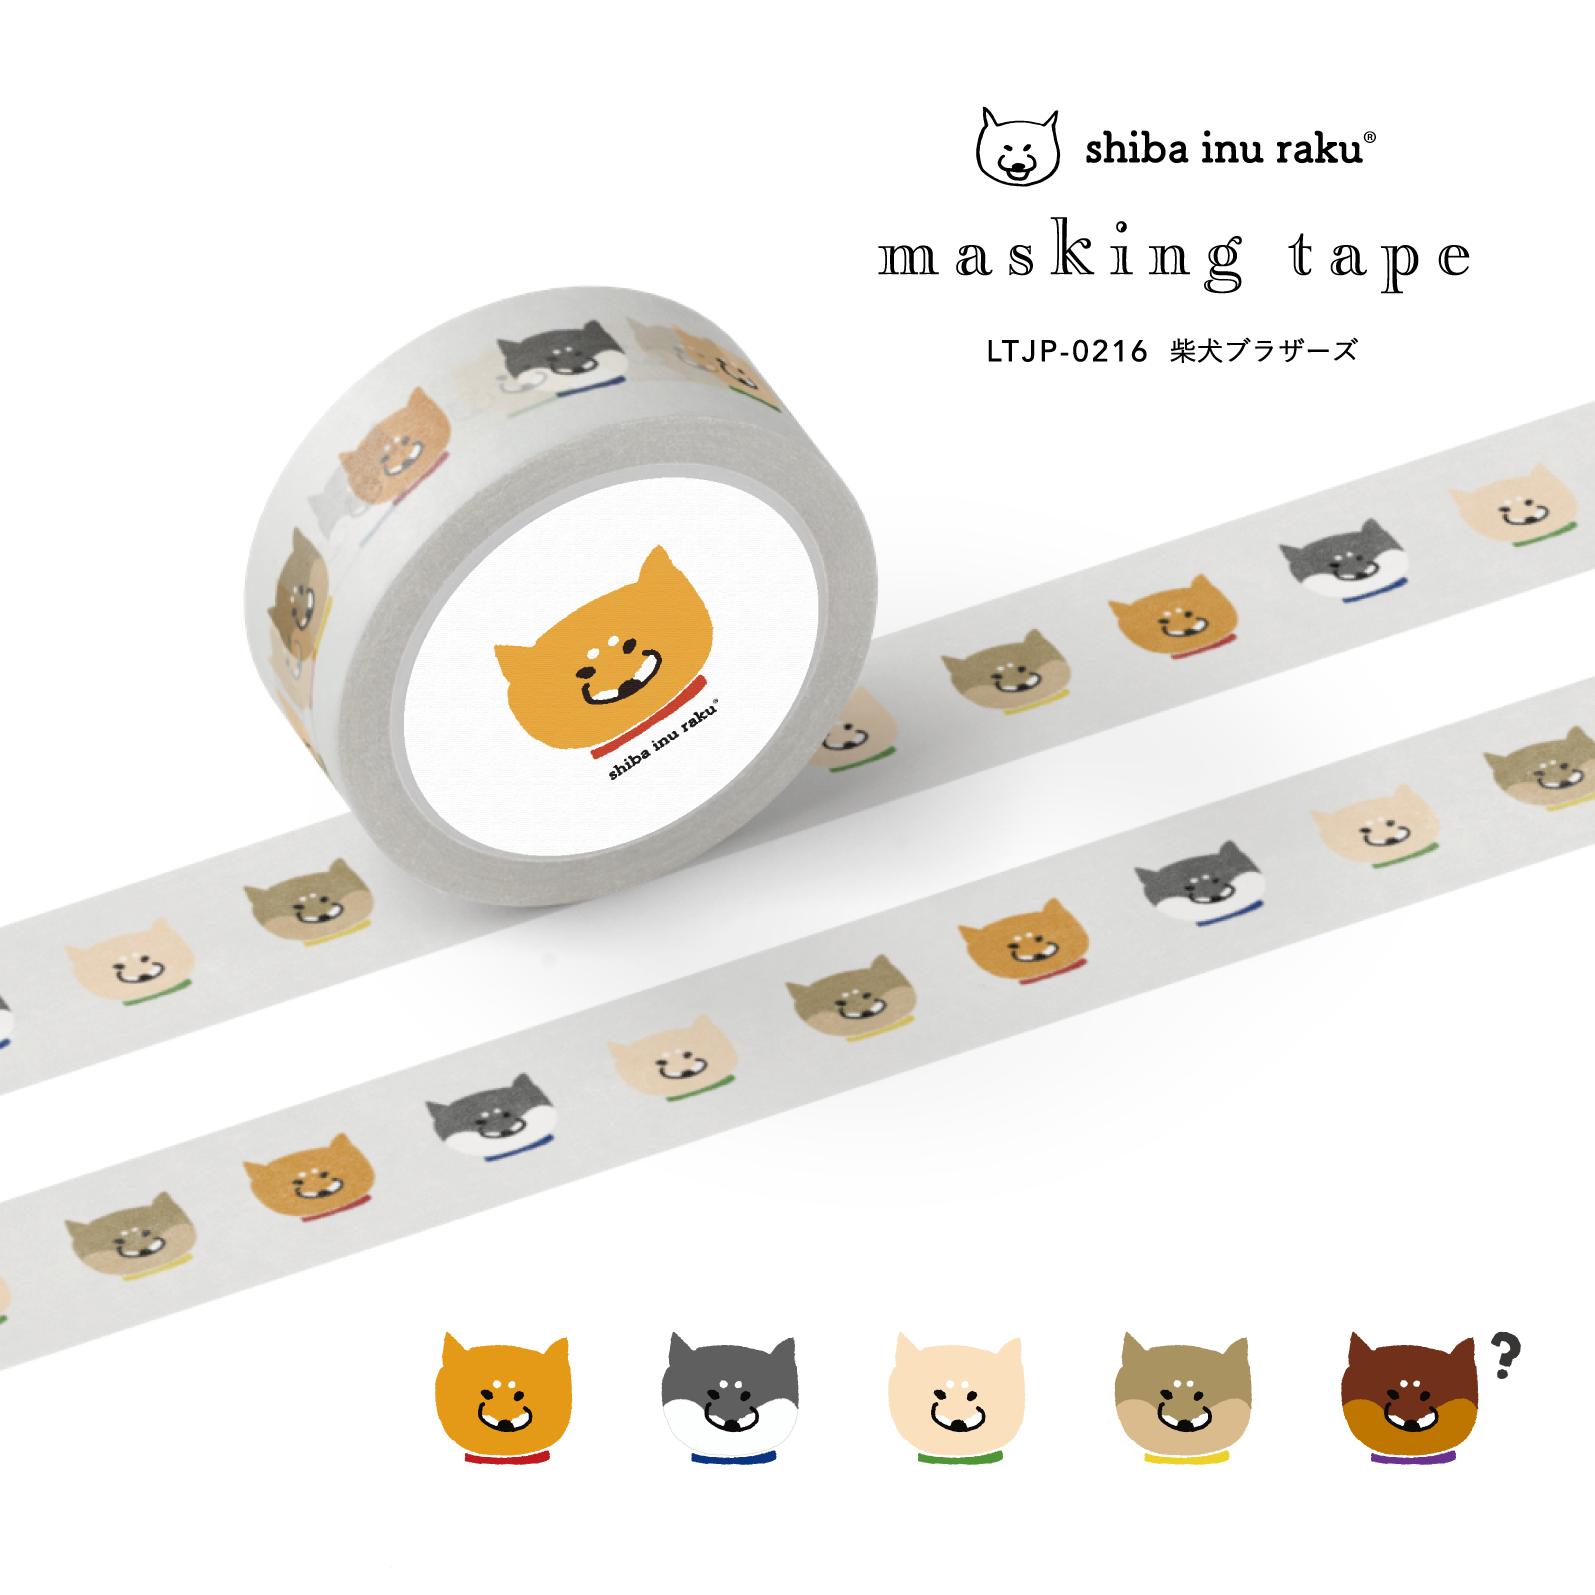 柴犬ラク マスキングテープ(3種類)